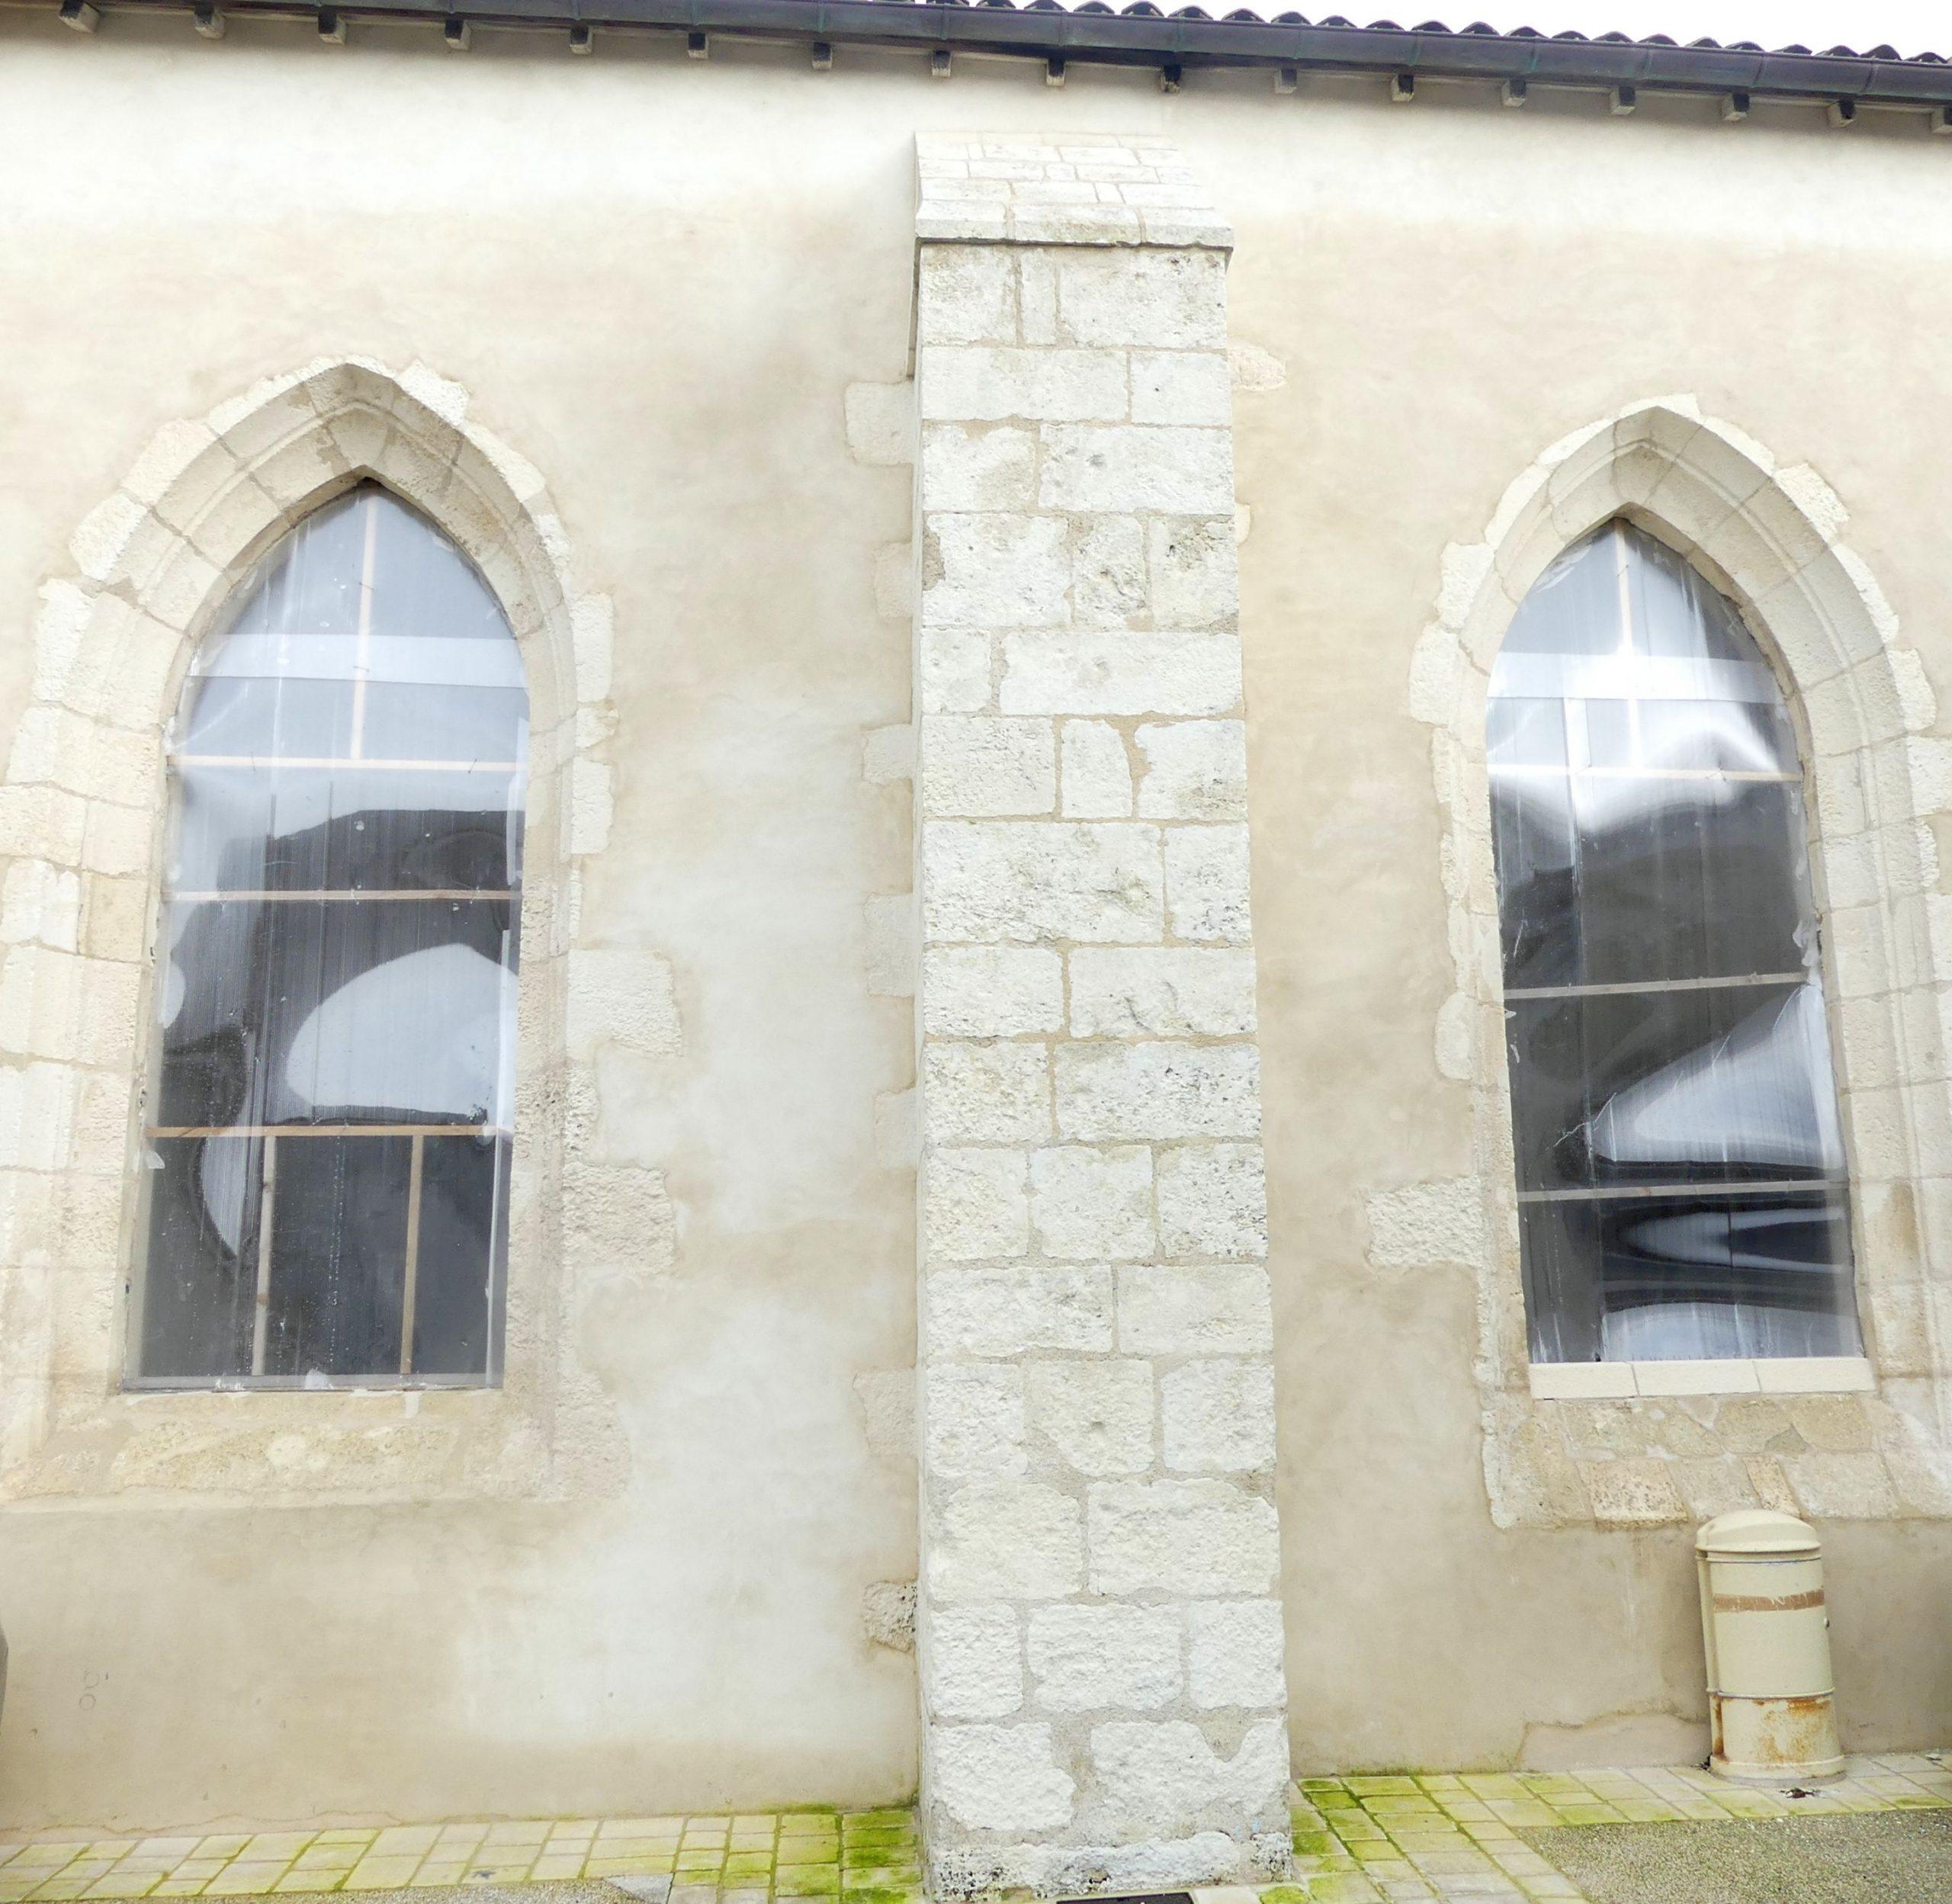 Ars - Eglise - Vitraux - 26 novembre 2019